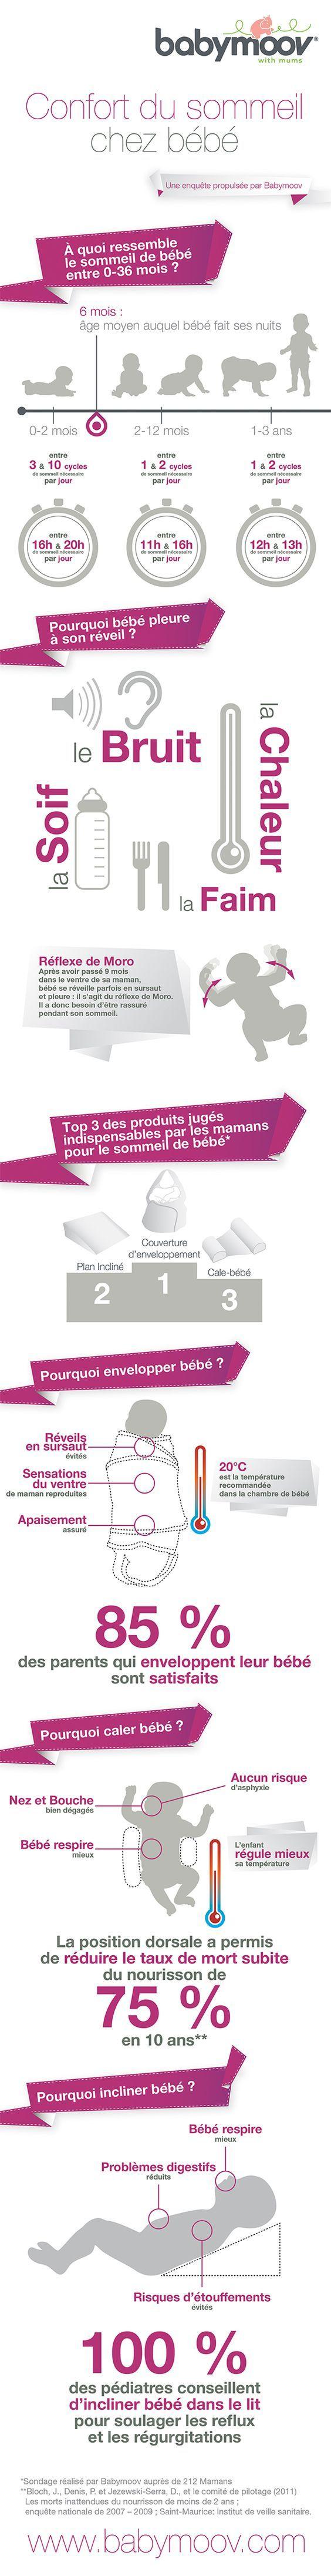 Infographie réalisée à Babymoov sur le confort du sommeil de bébé.